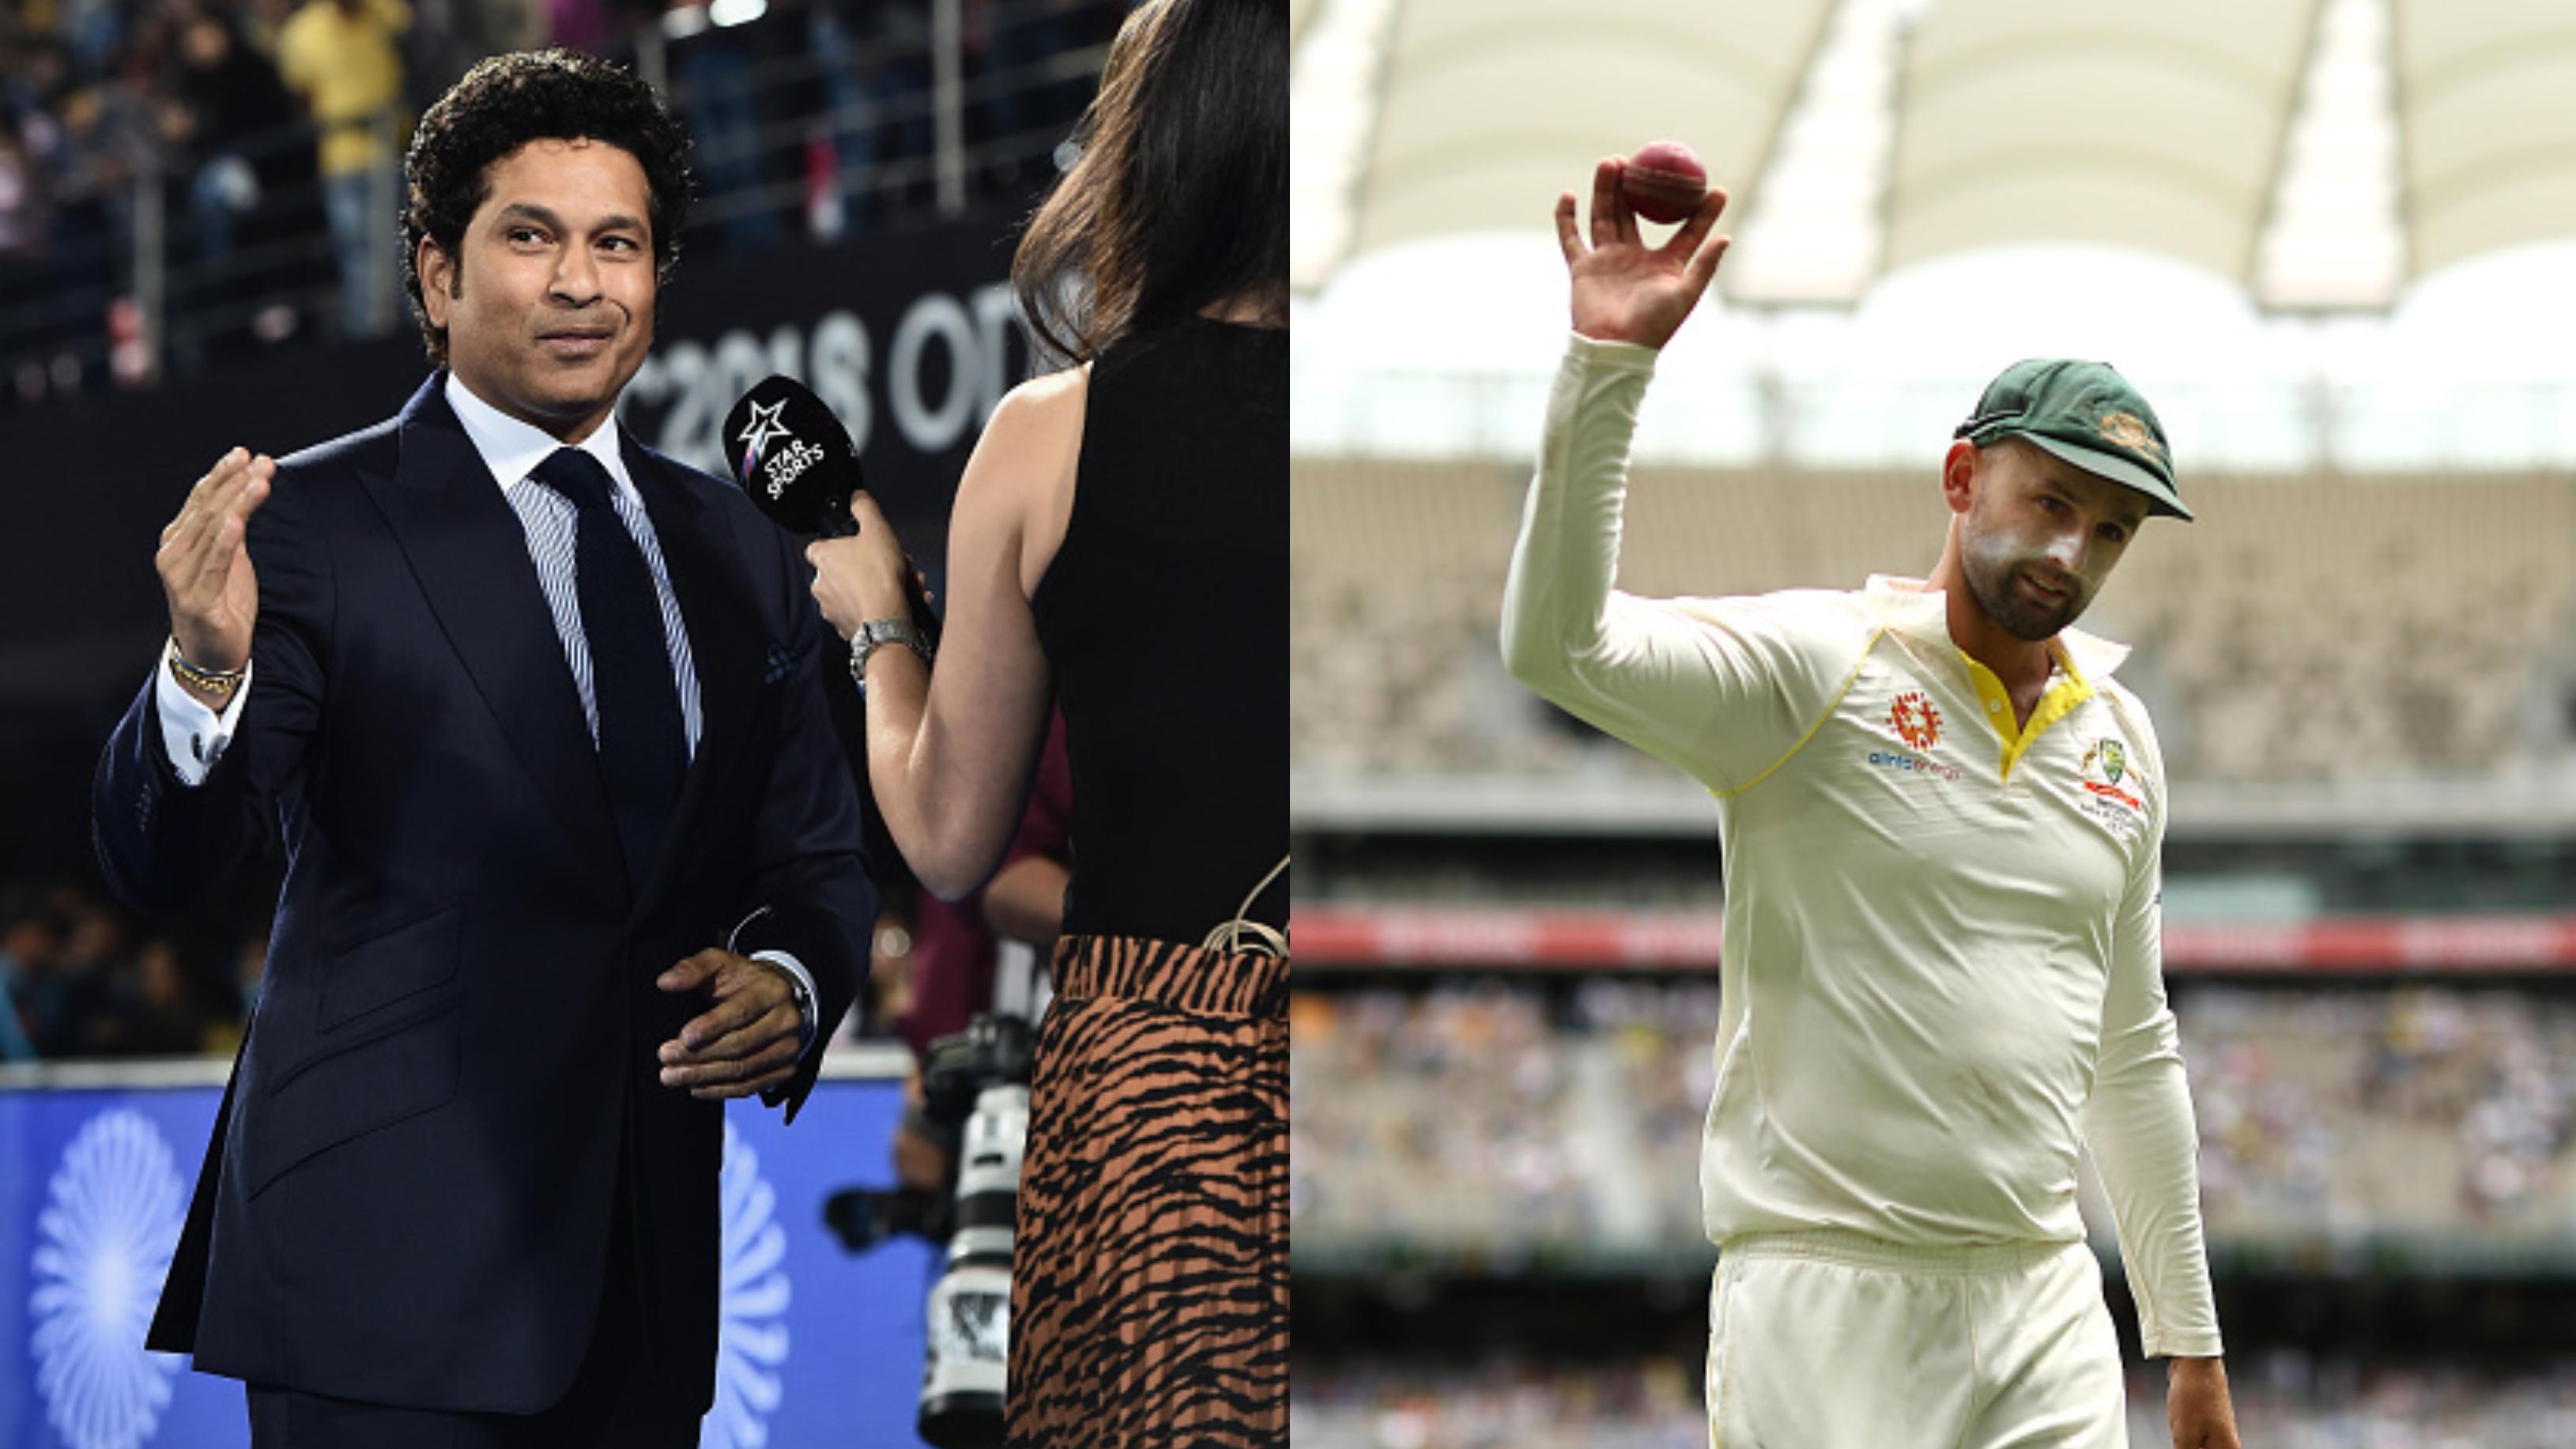 AUS v IND 2018-19: Sachin Tendulkar praises Nathan Lyon after his Perth show, calls him a